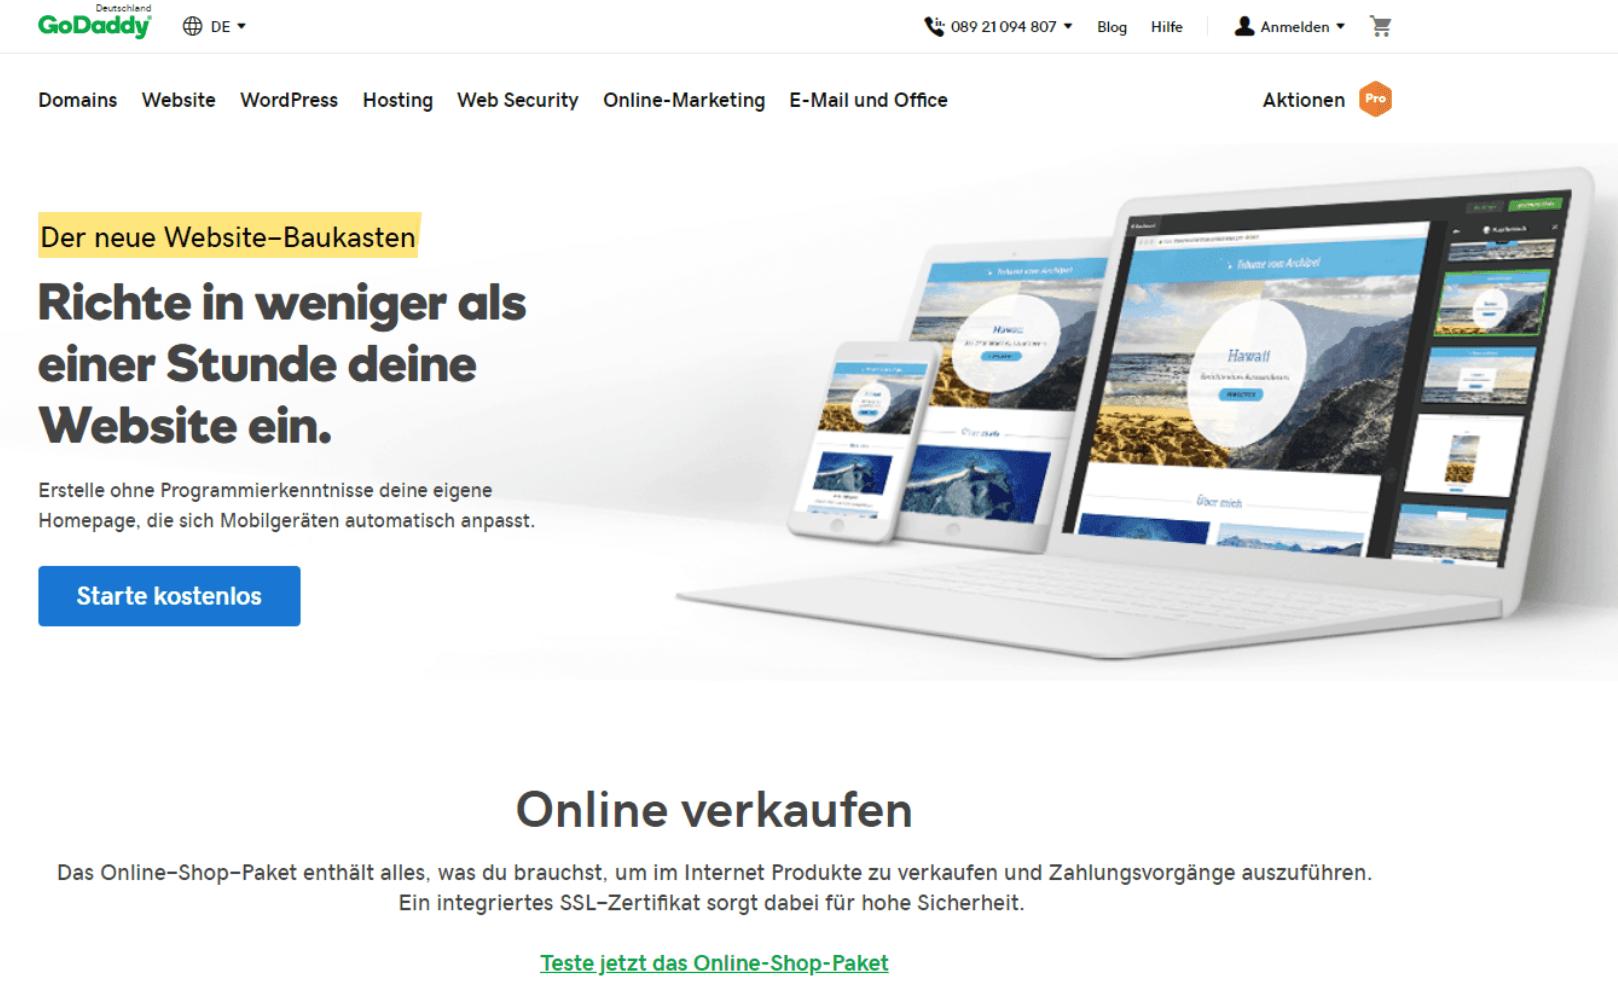 Eigenen Online-Shop erstellen mit GoDaddy - Anleitung Schritt 1